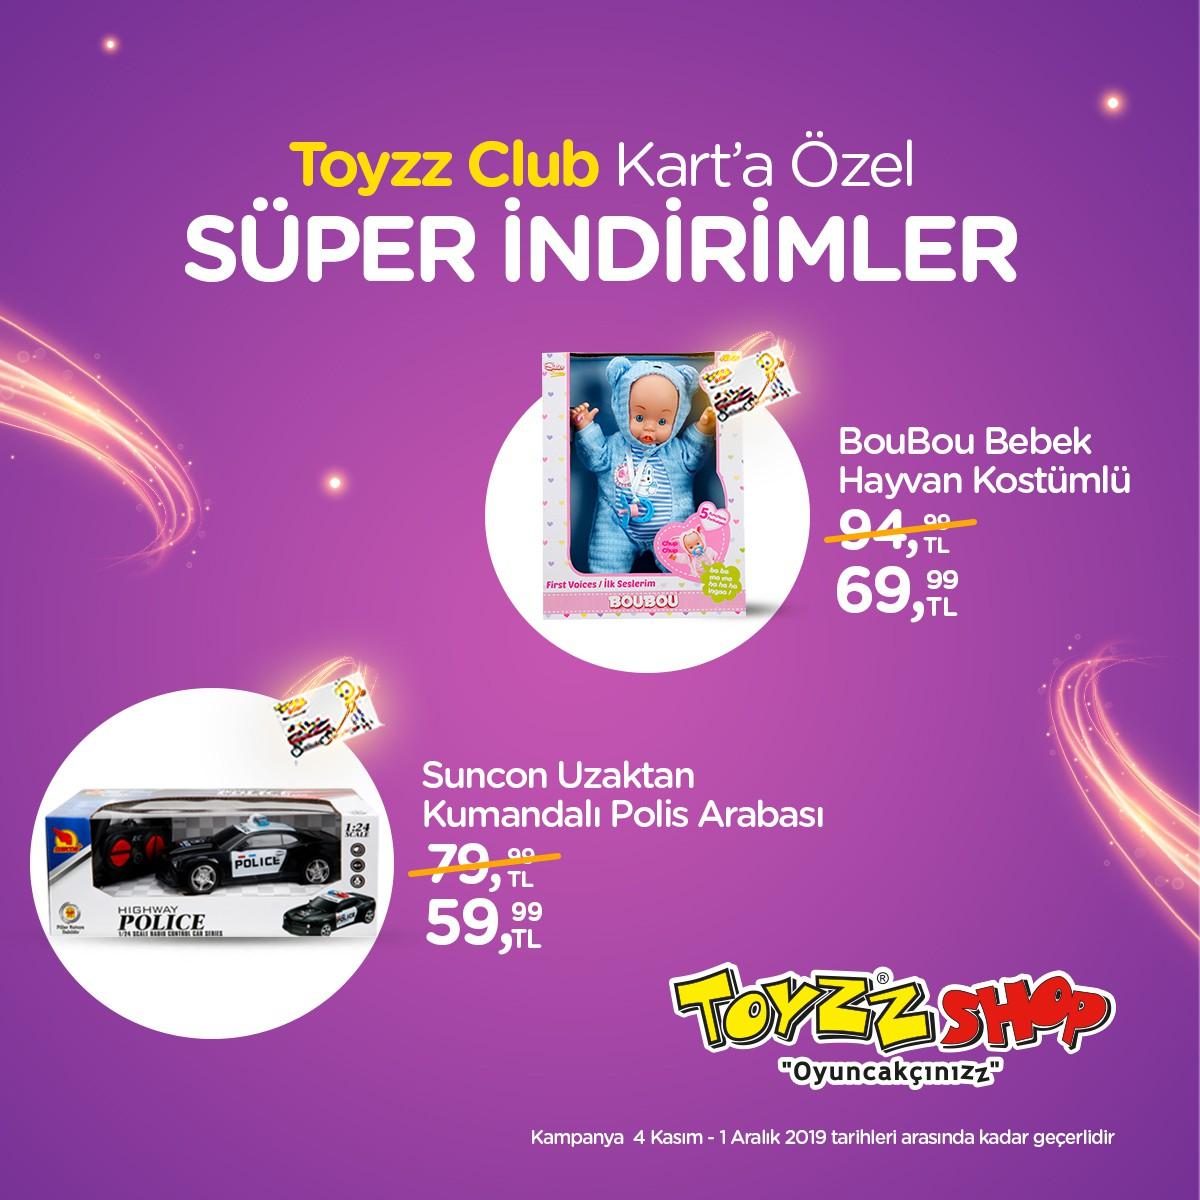 Toyzz Club Kart'a özel süper indirimler!